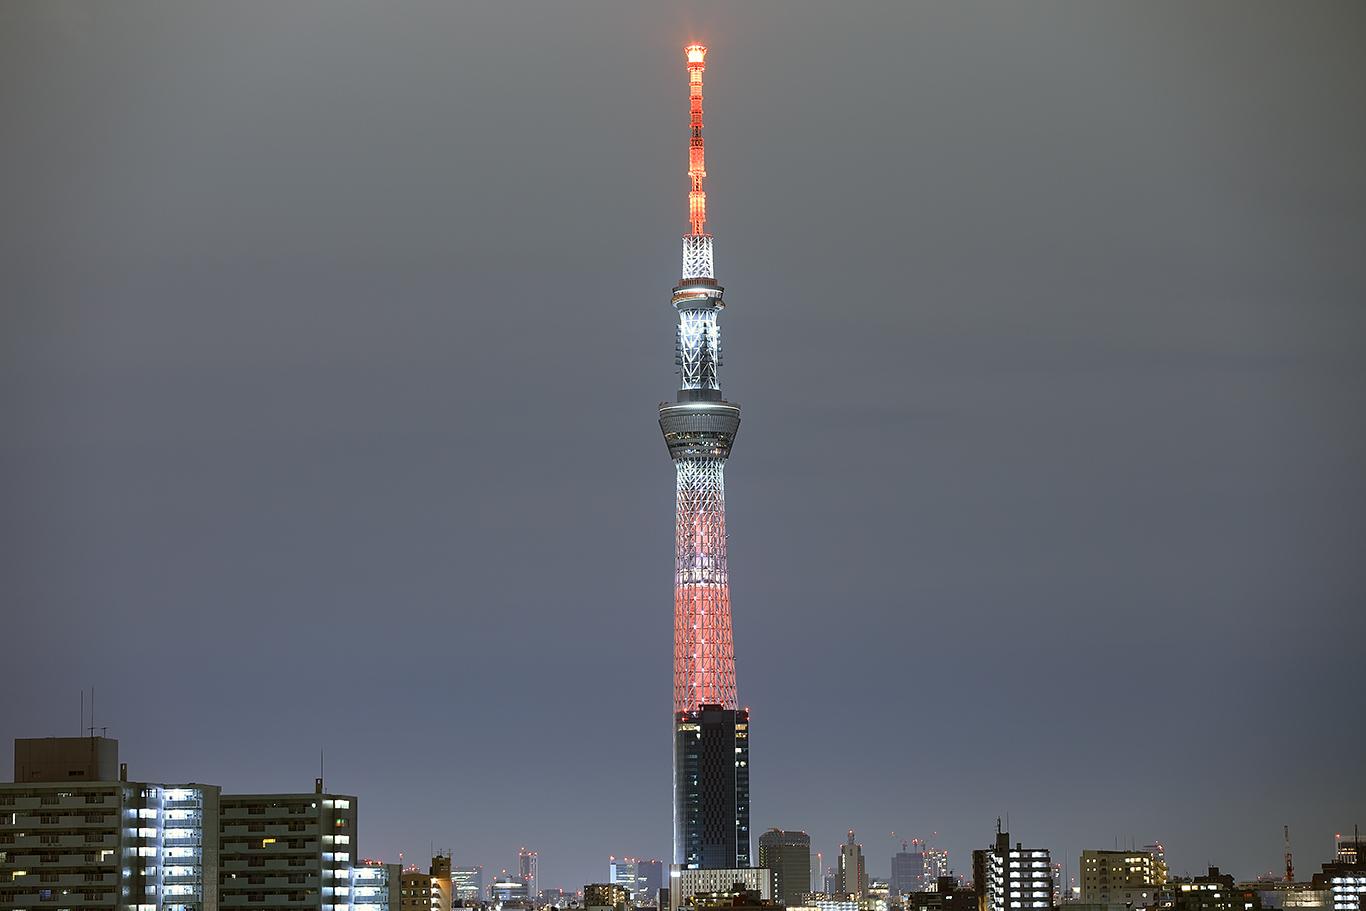 東京も解禁となったGoToで旅にでたいものです。